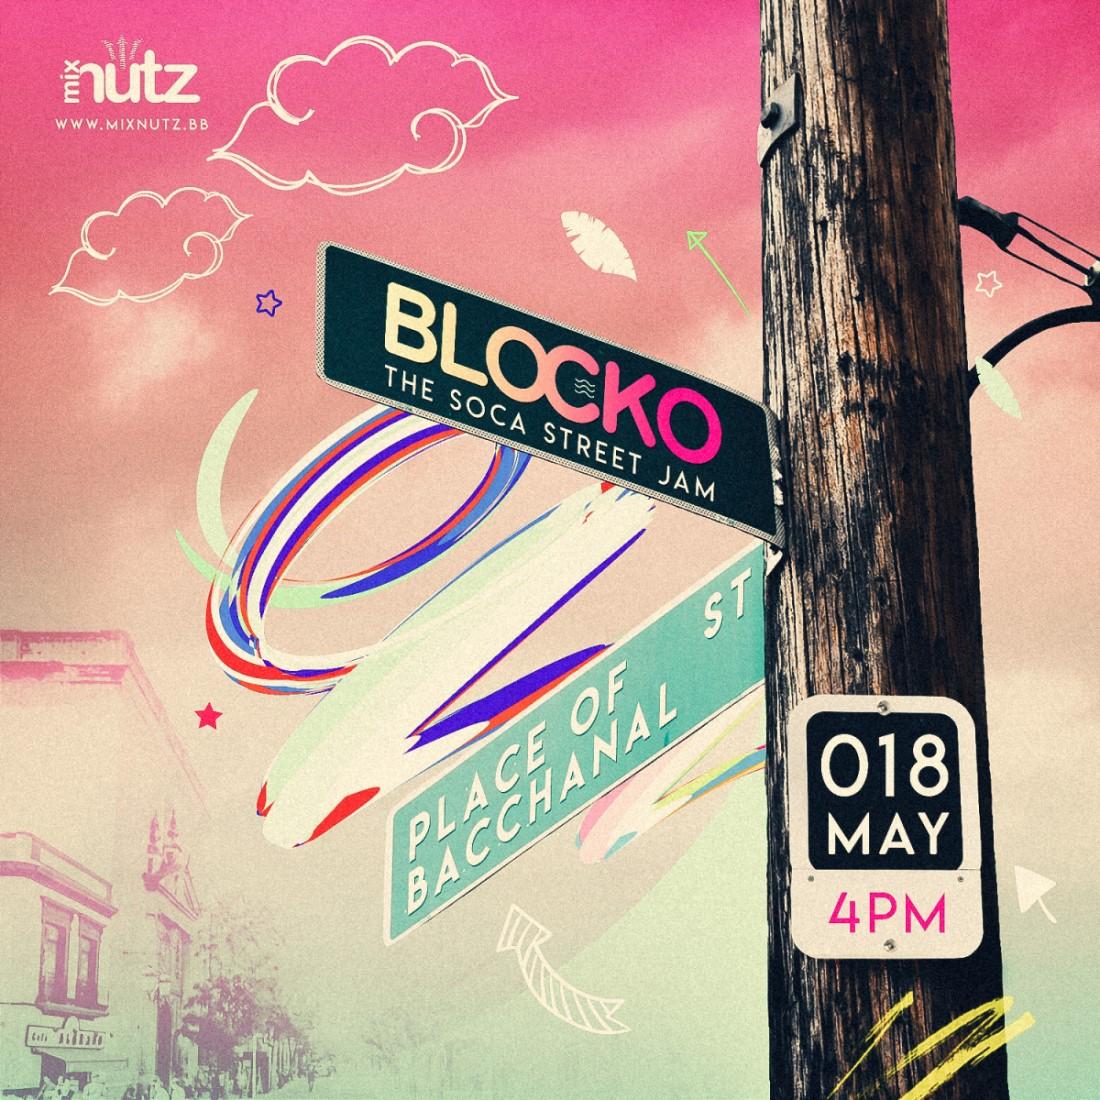 Mix Nutz Blocko 2019